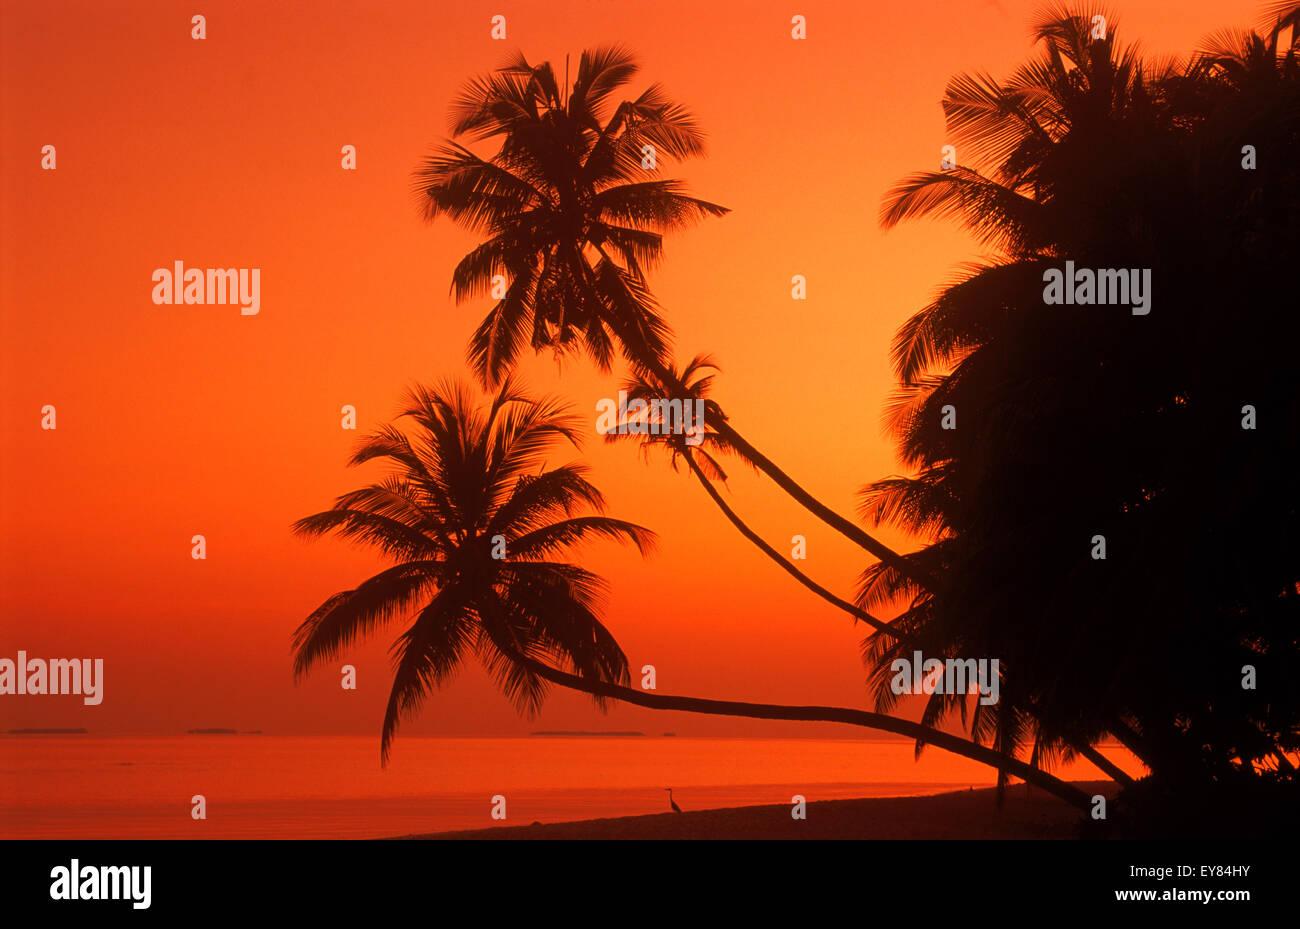 Palmiers sur la rive avec calme et heron bateau passant à l'aube en Maldives Photo Stock